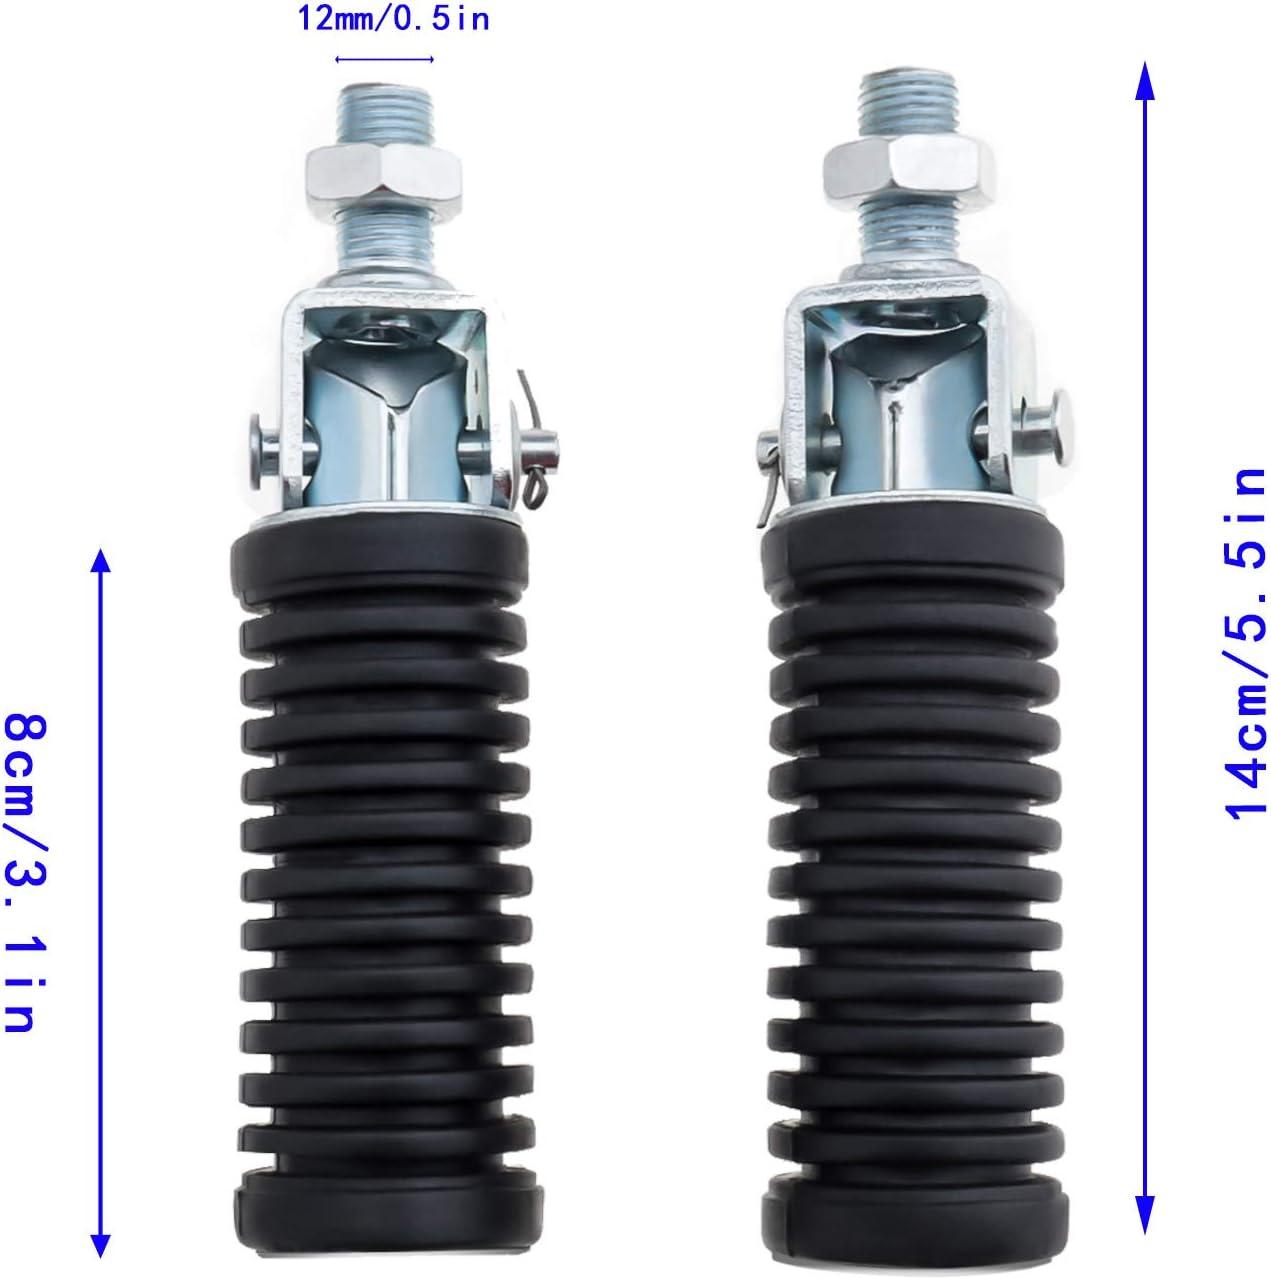 rosca 12 mm Par de reposapi/és para pasajero plegables universales para moto reposapi/és trasero aluminio izquierdo y derecho